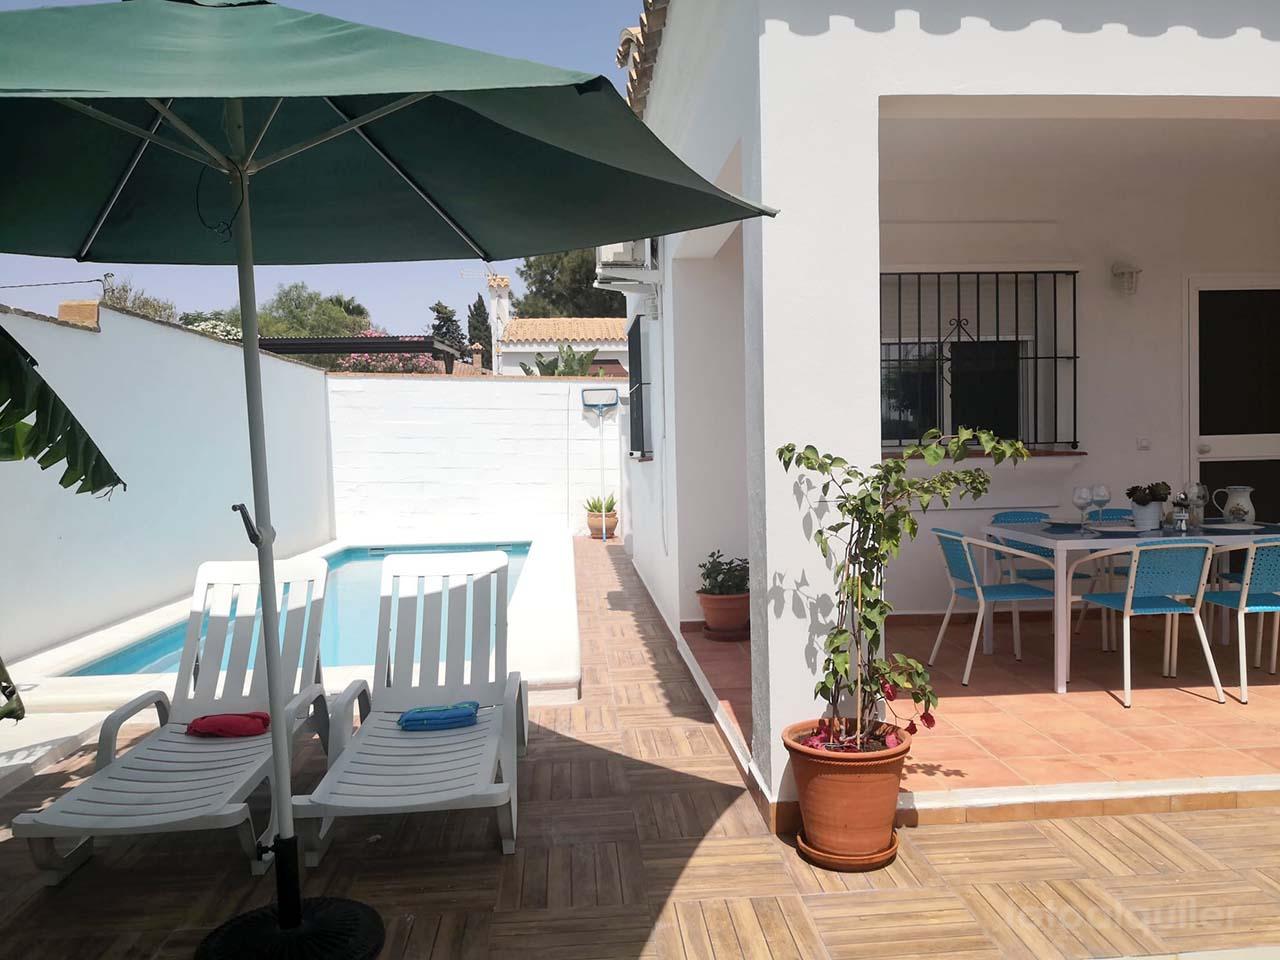 Alquiler de chalet independiente con jardín en Conil de la Frontera, Cádiz